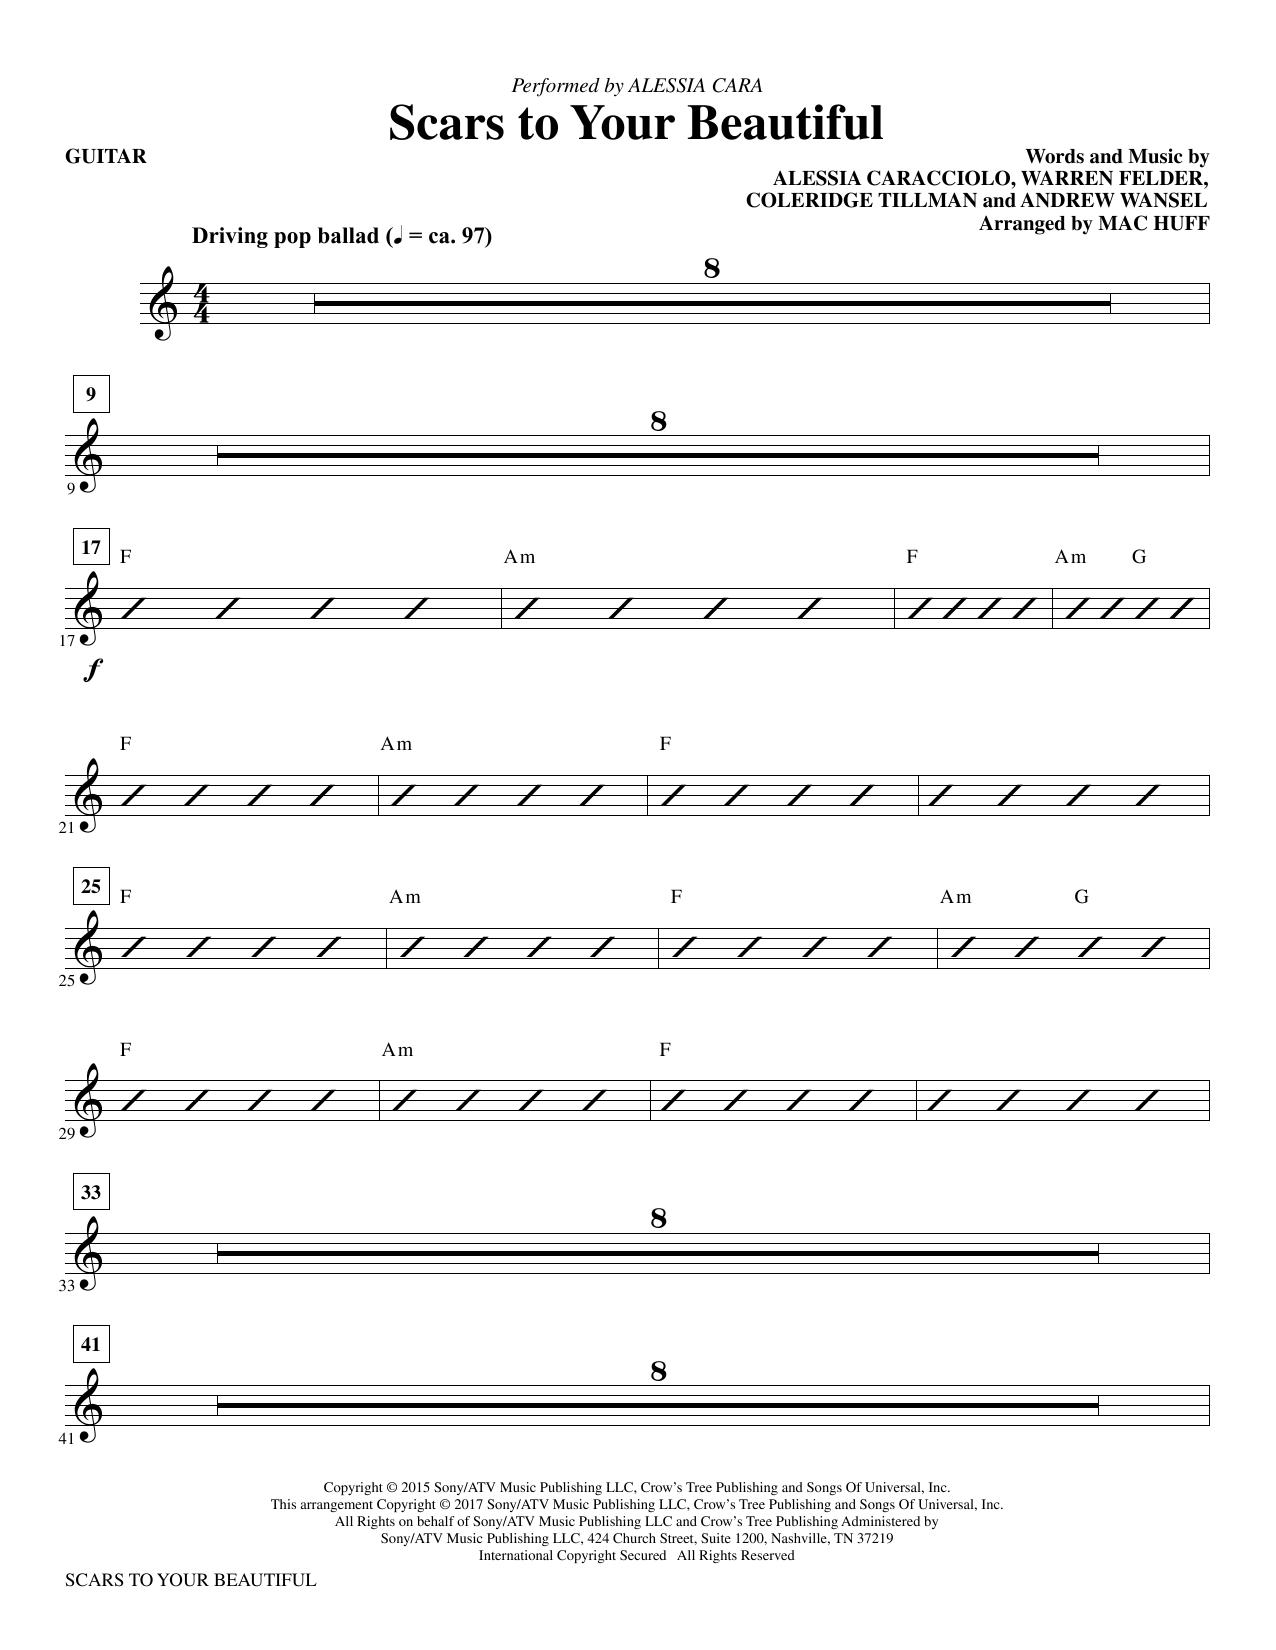 Scars to Your Beautiful - Guitar Sheet Music